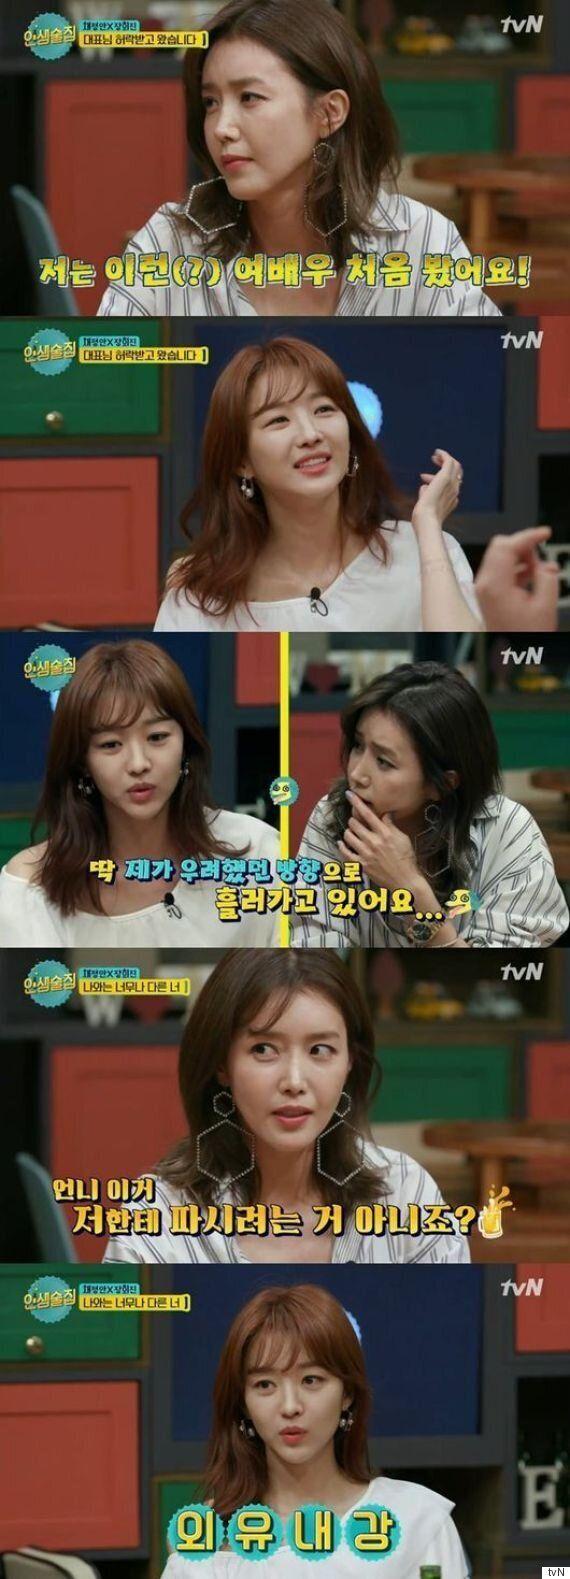 [어저께TV] '인생술집' 채정안x장희진, 걸크러시 예능